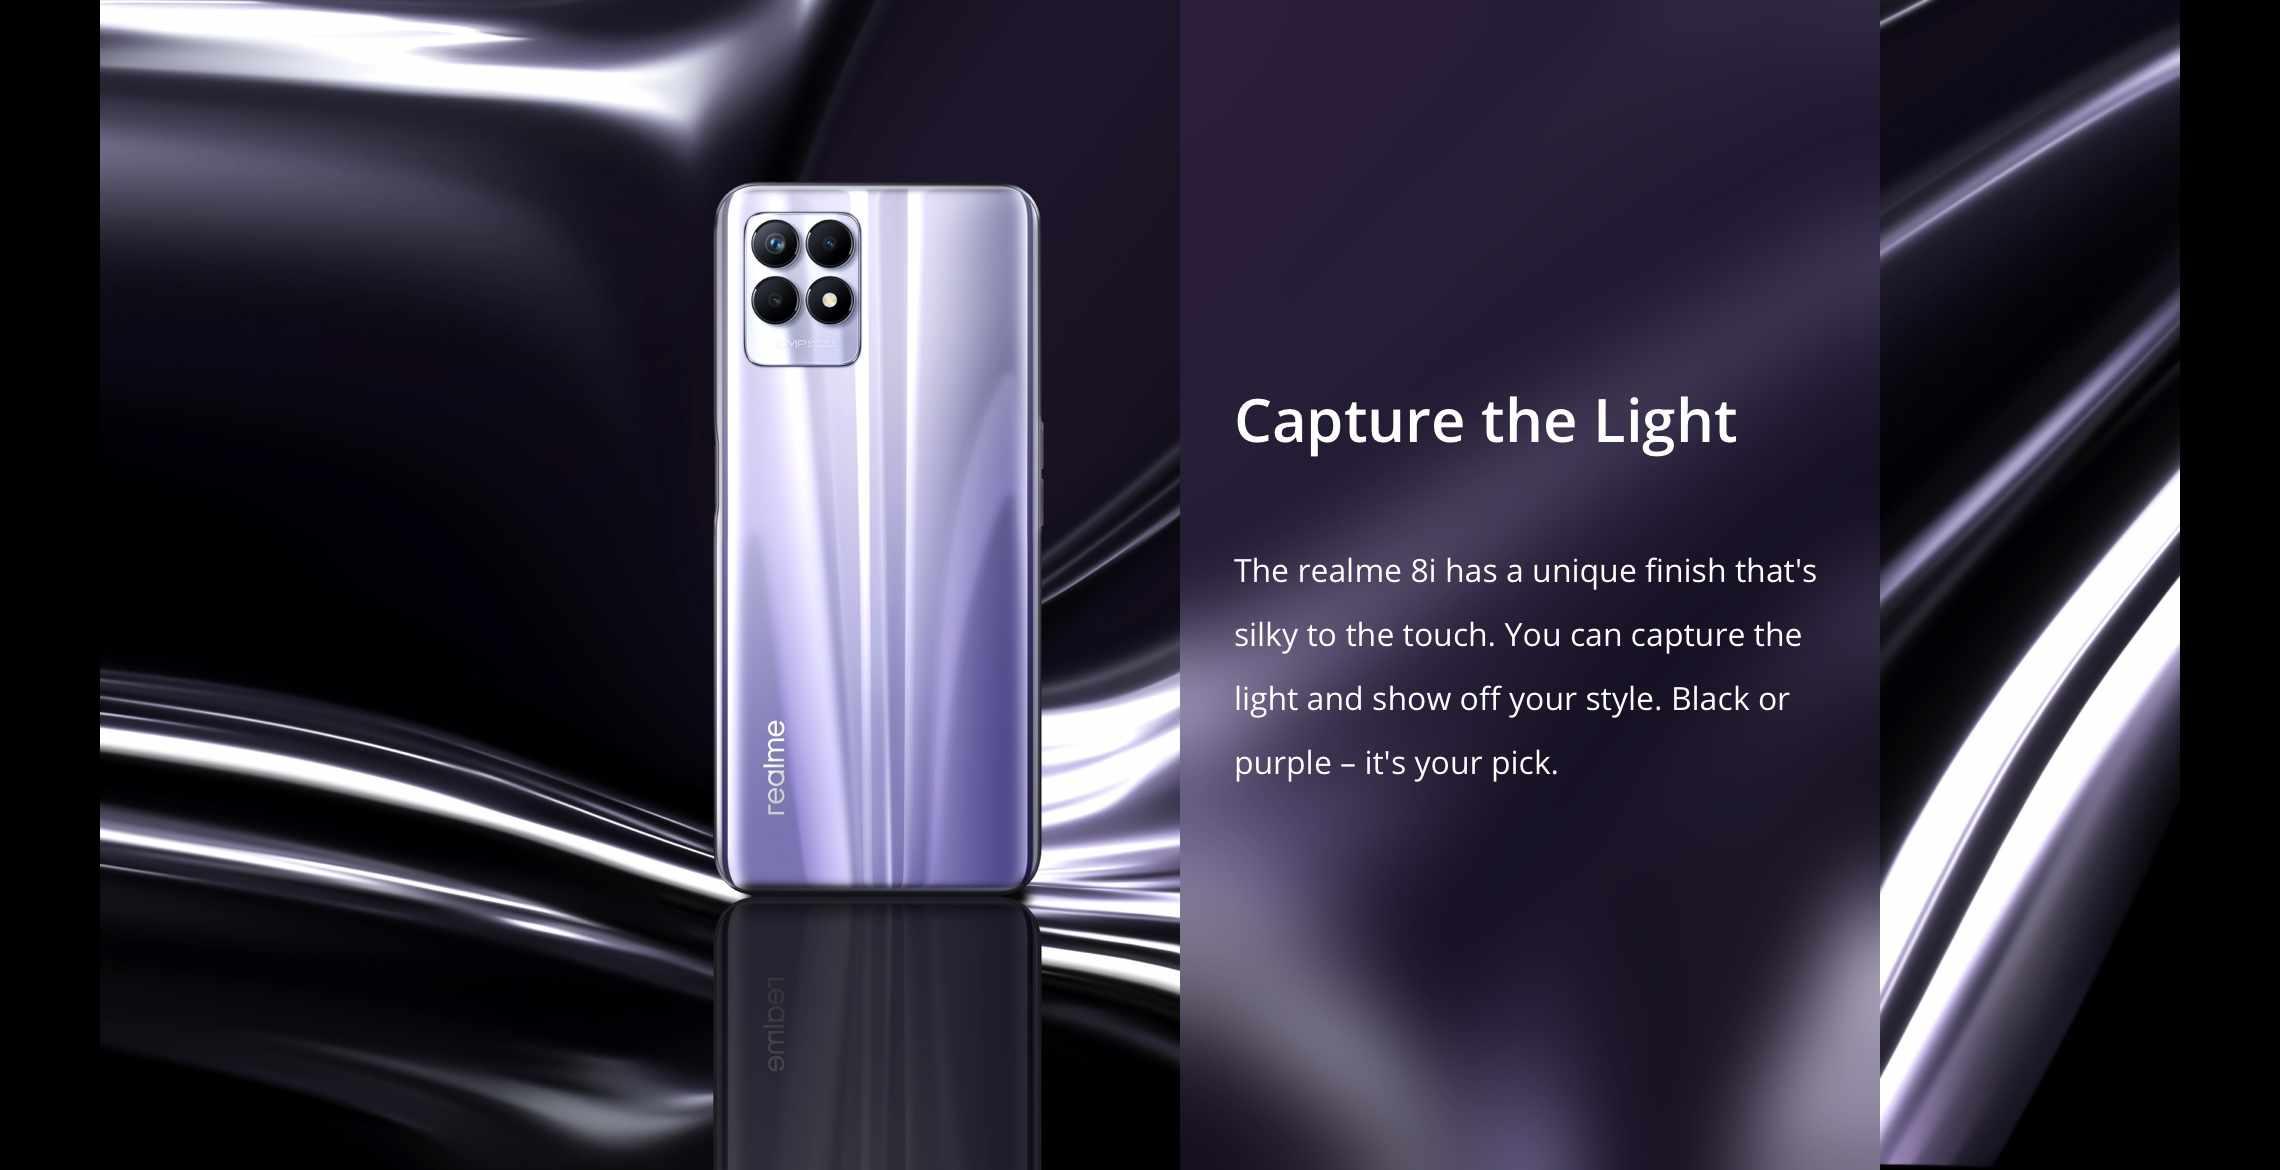 Realme capture the light